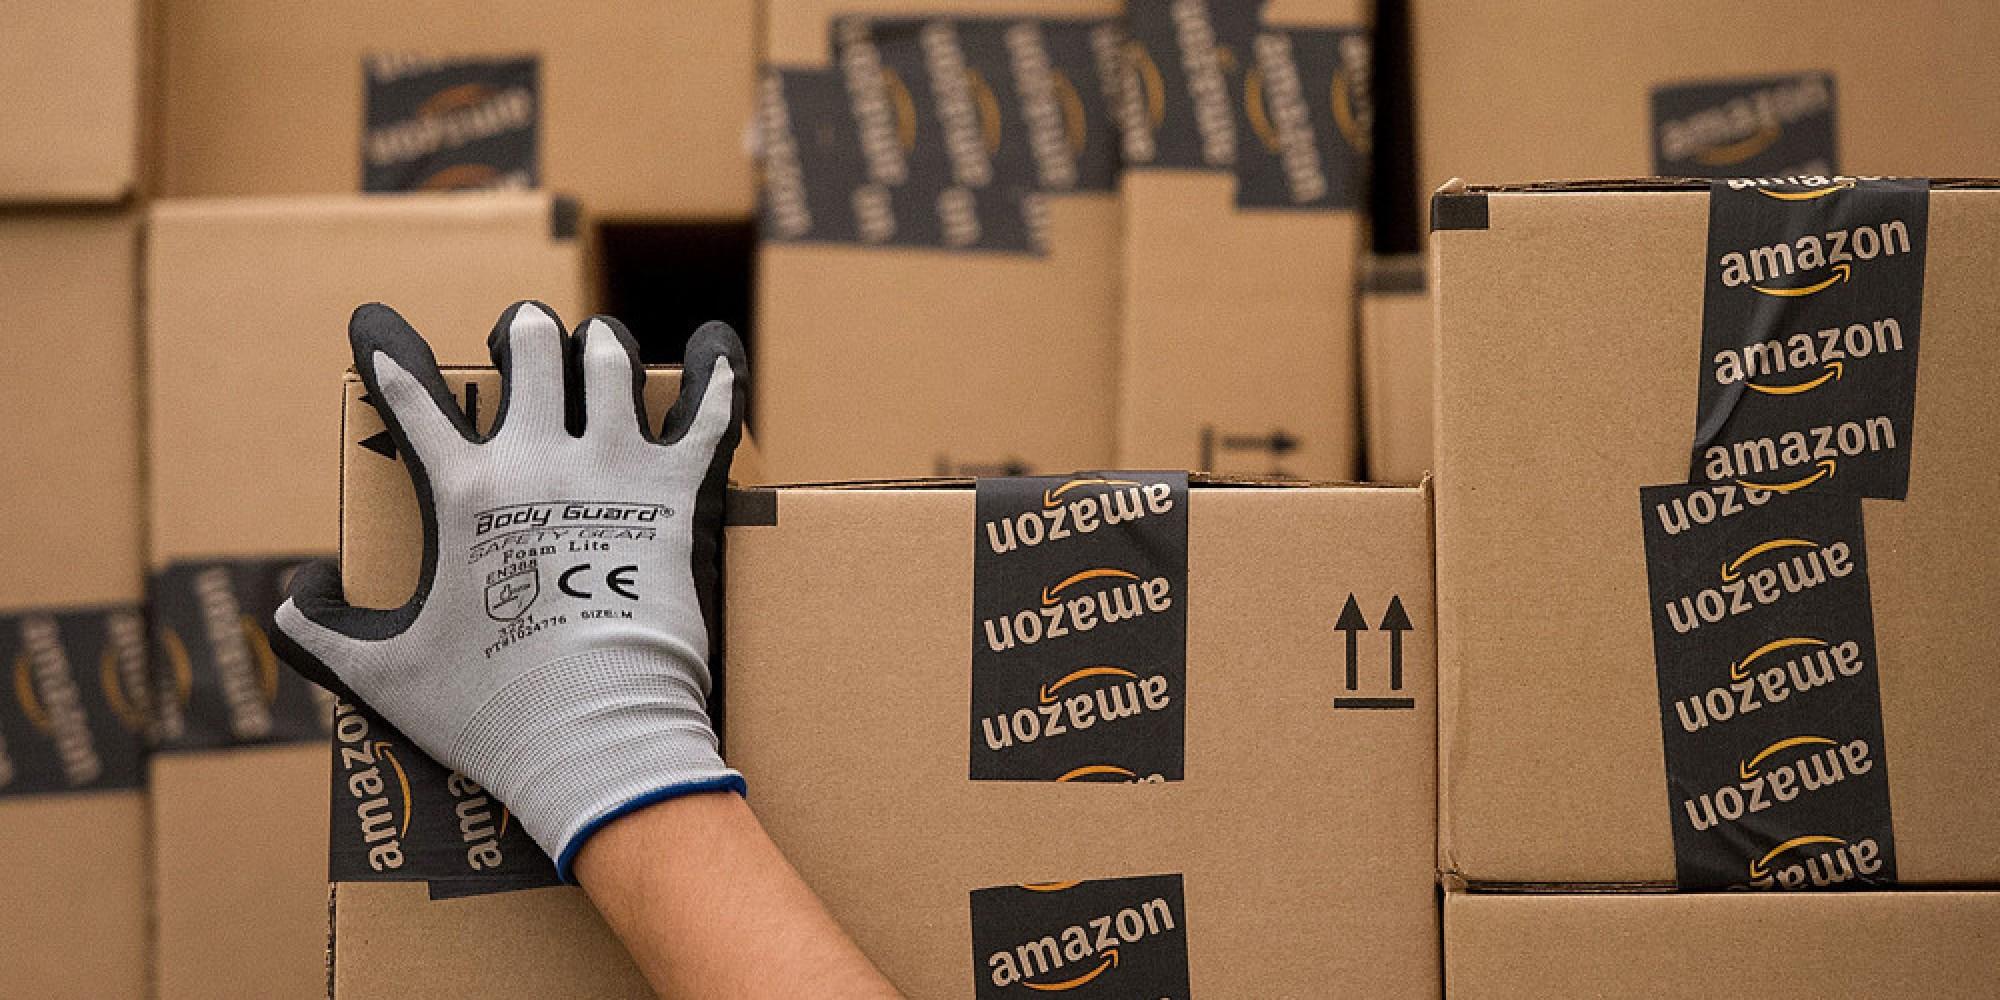 [Magazine] Amazon đổ bộ vào Việt Nam: Thị trường nóng, cơ hội lớn… - Ảnh 6.